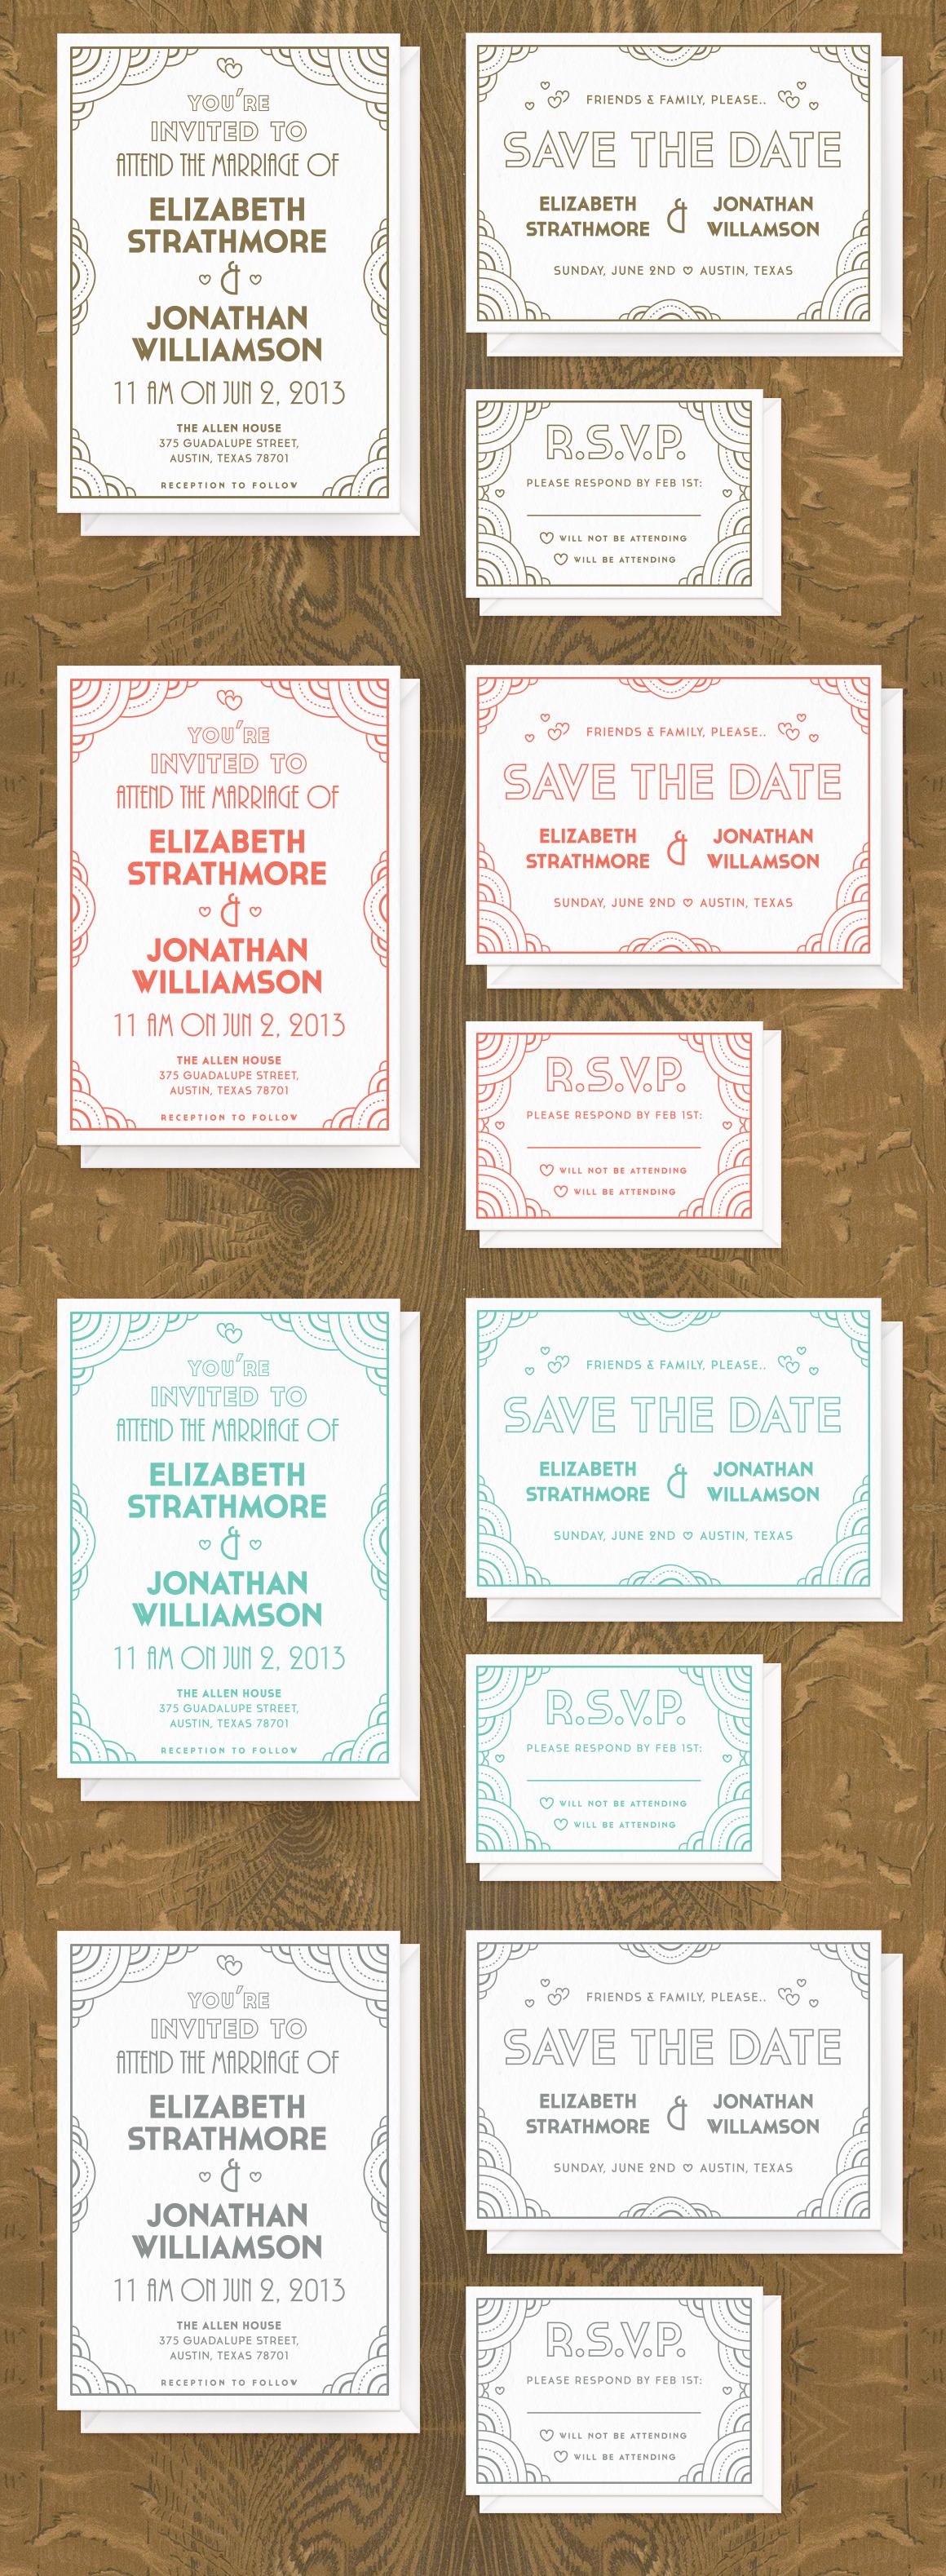 FutureDeco Wedding Invite Suite